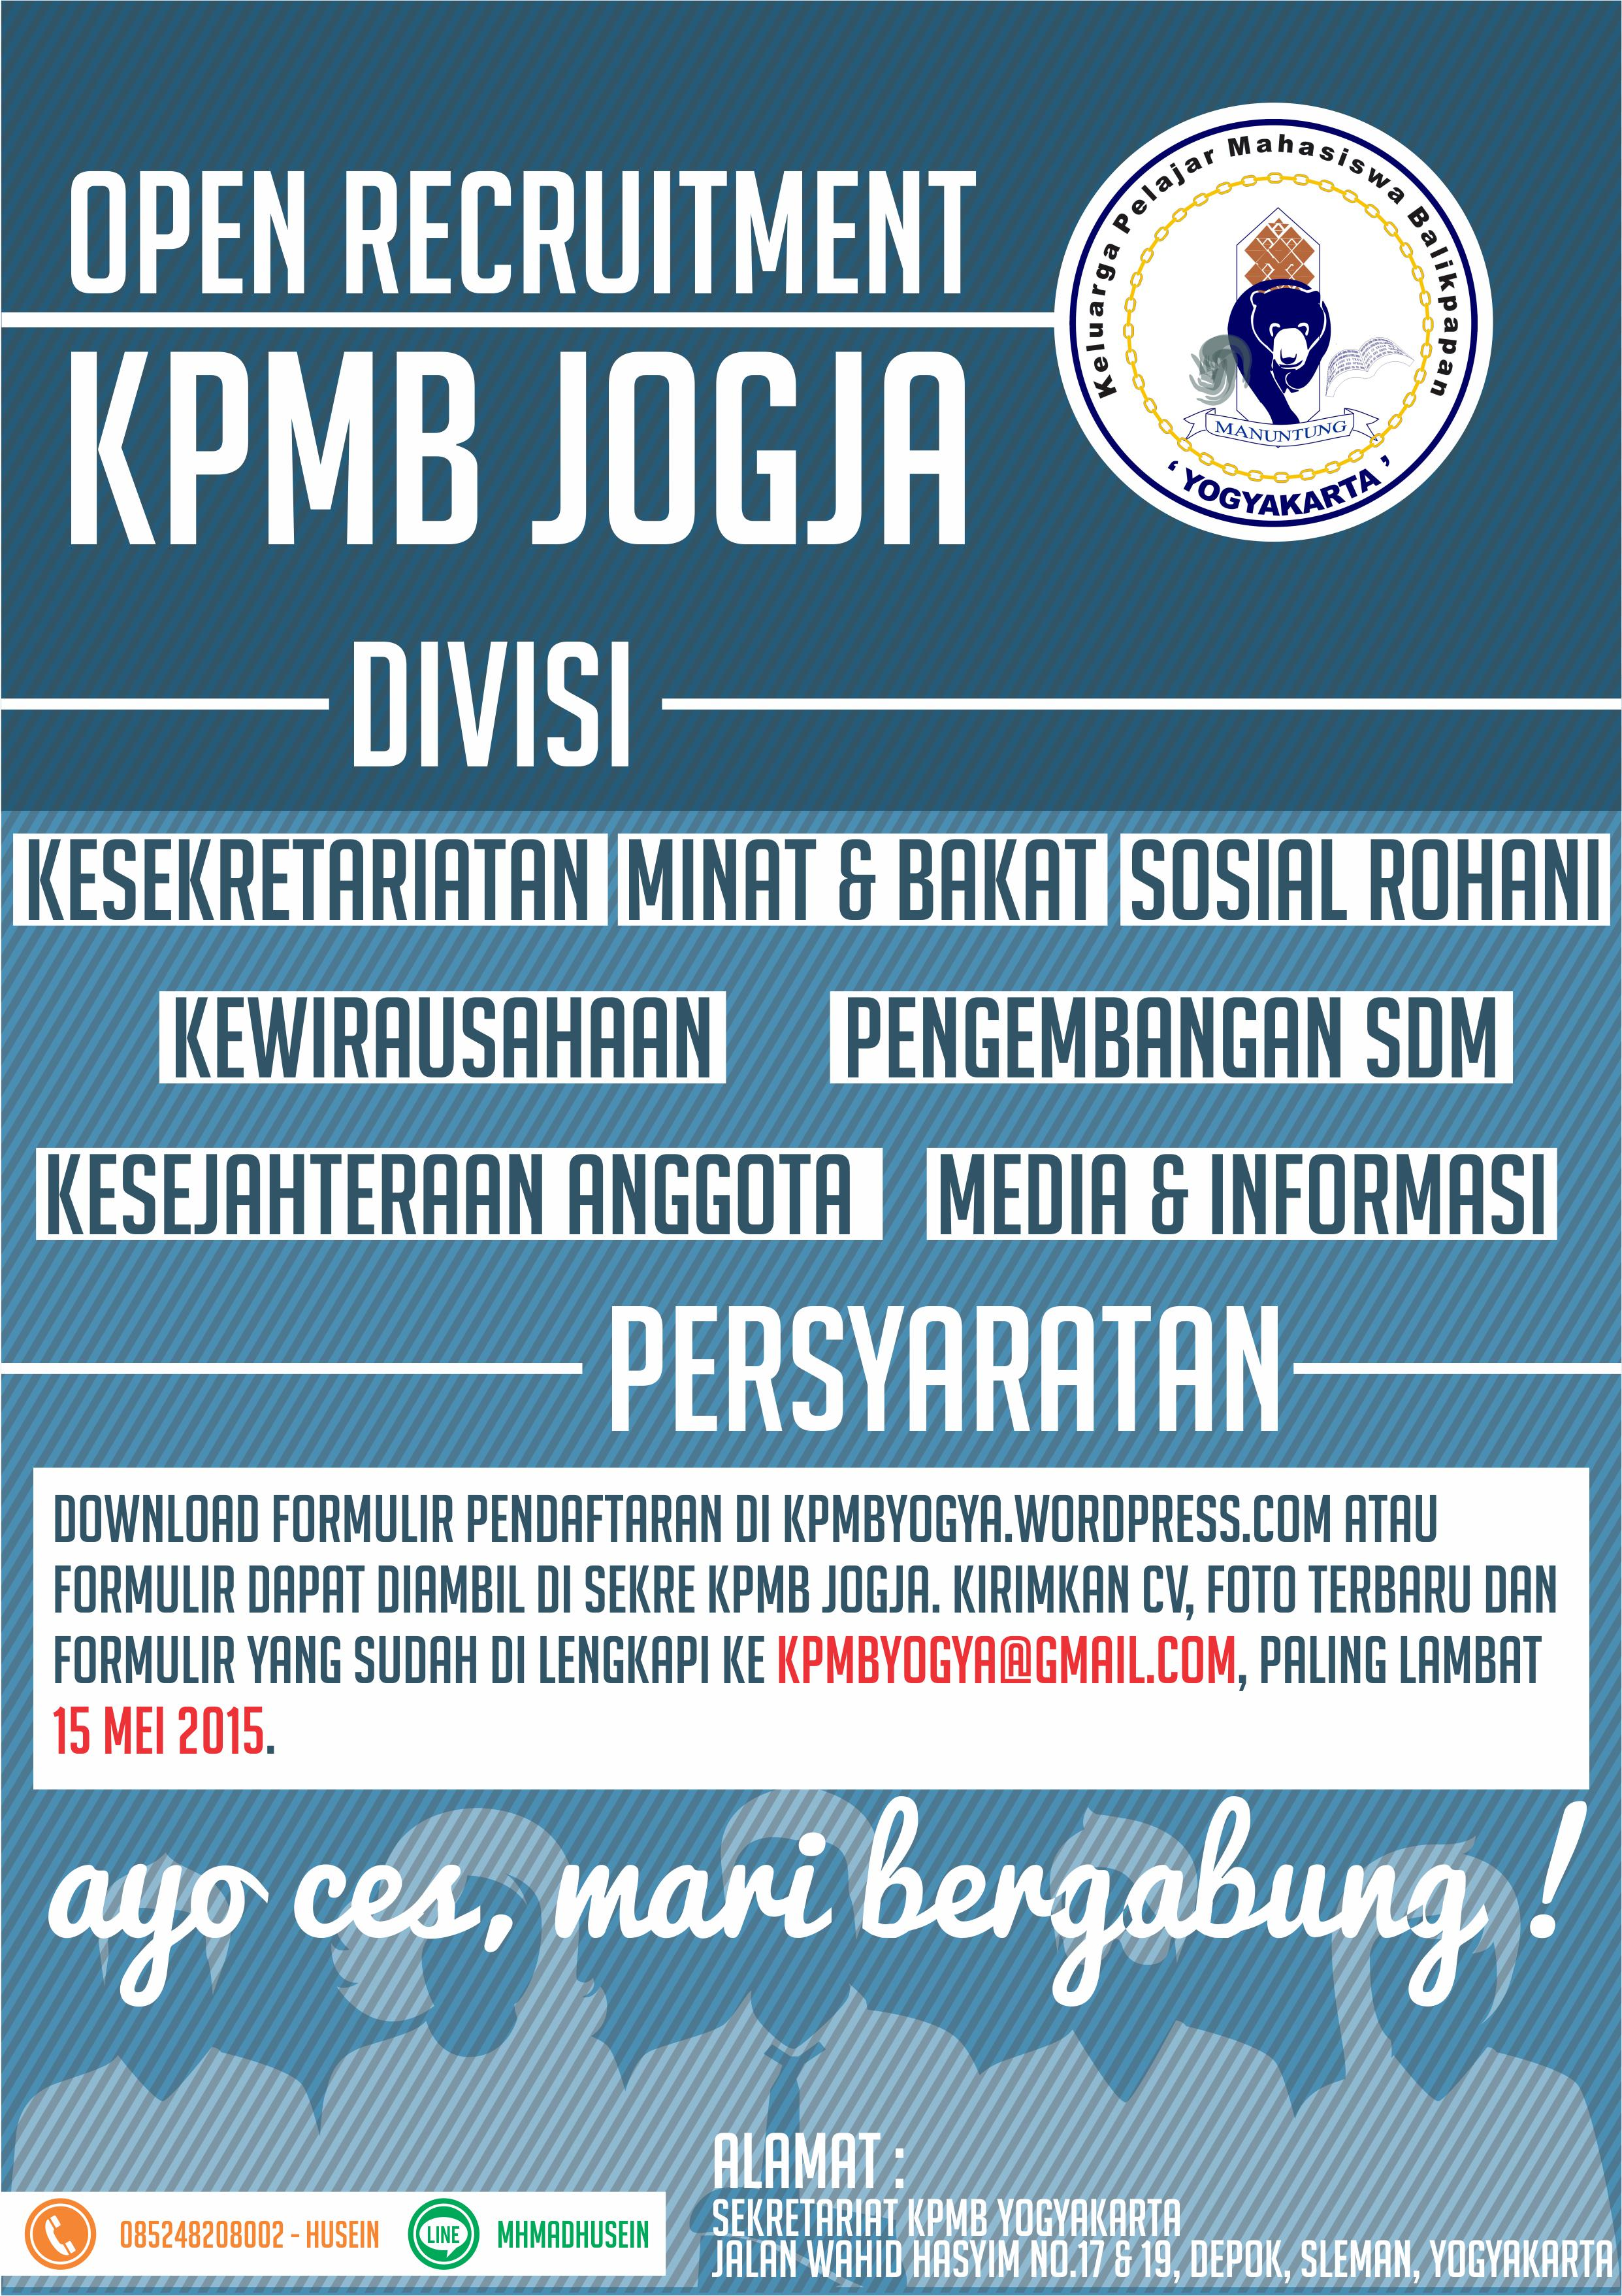 Open Recruitment Kpmb Jogja 2015 2016 Keluarga Pelajar Mahasiswa